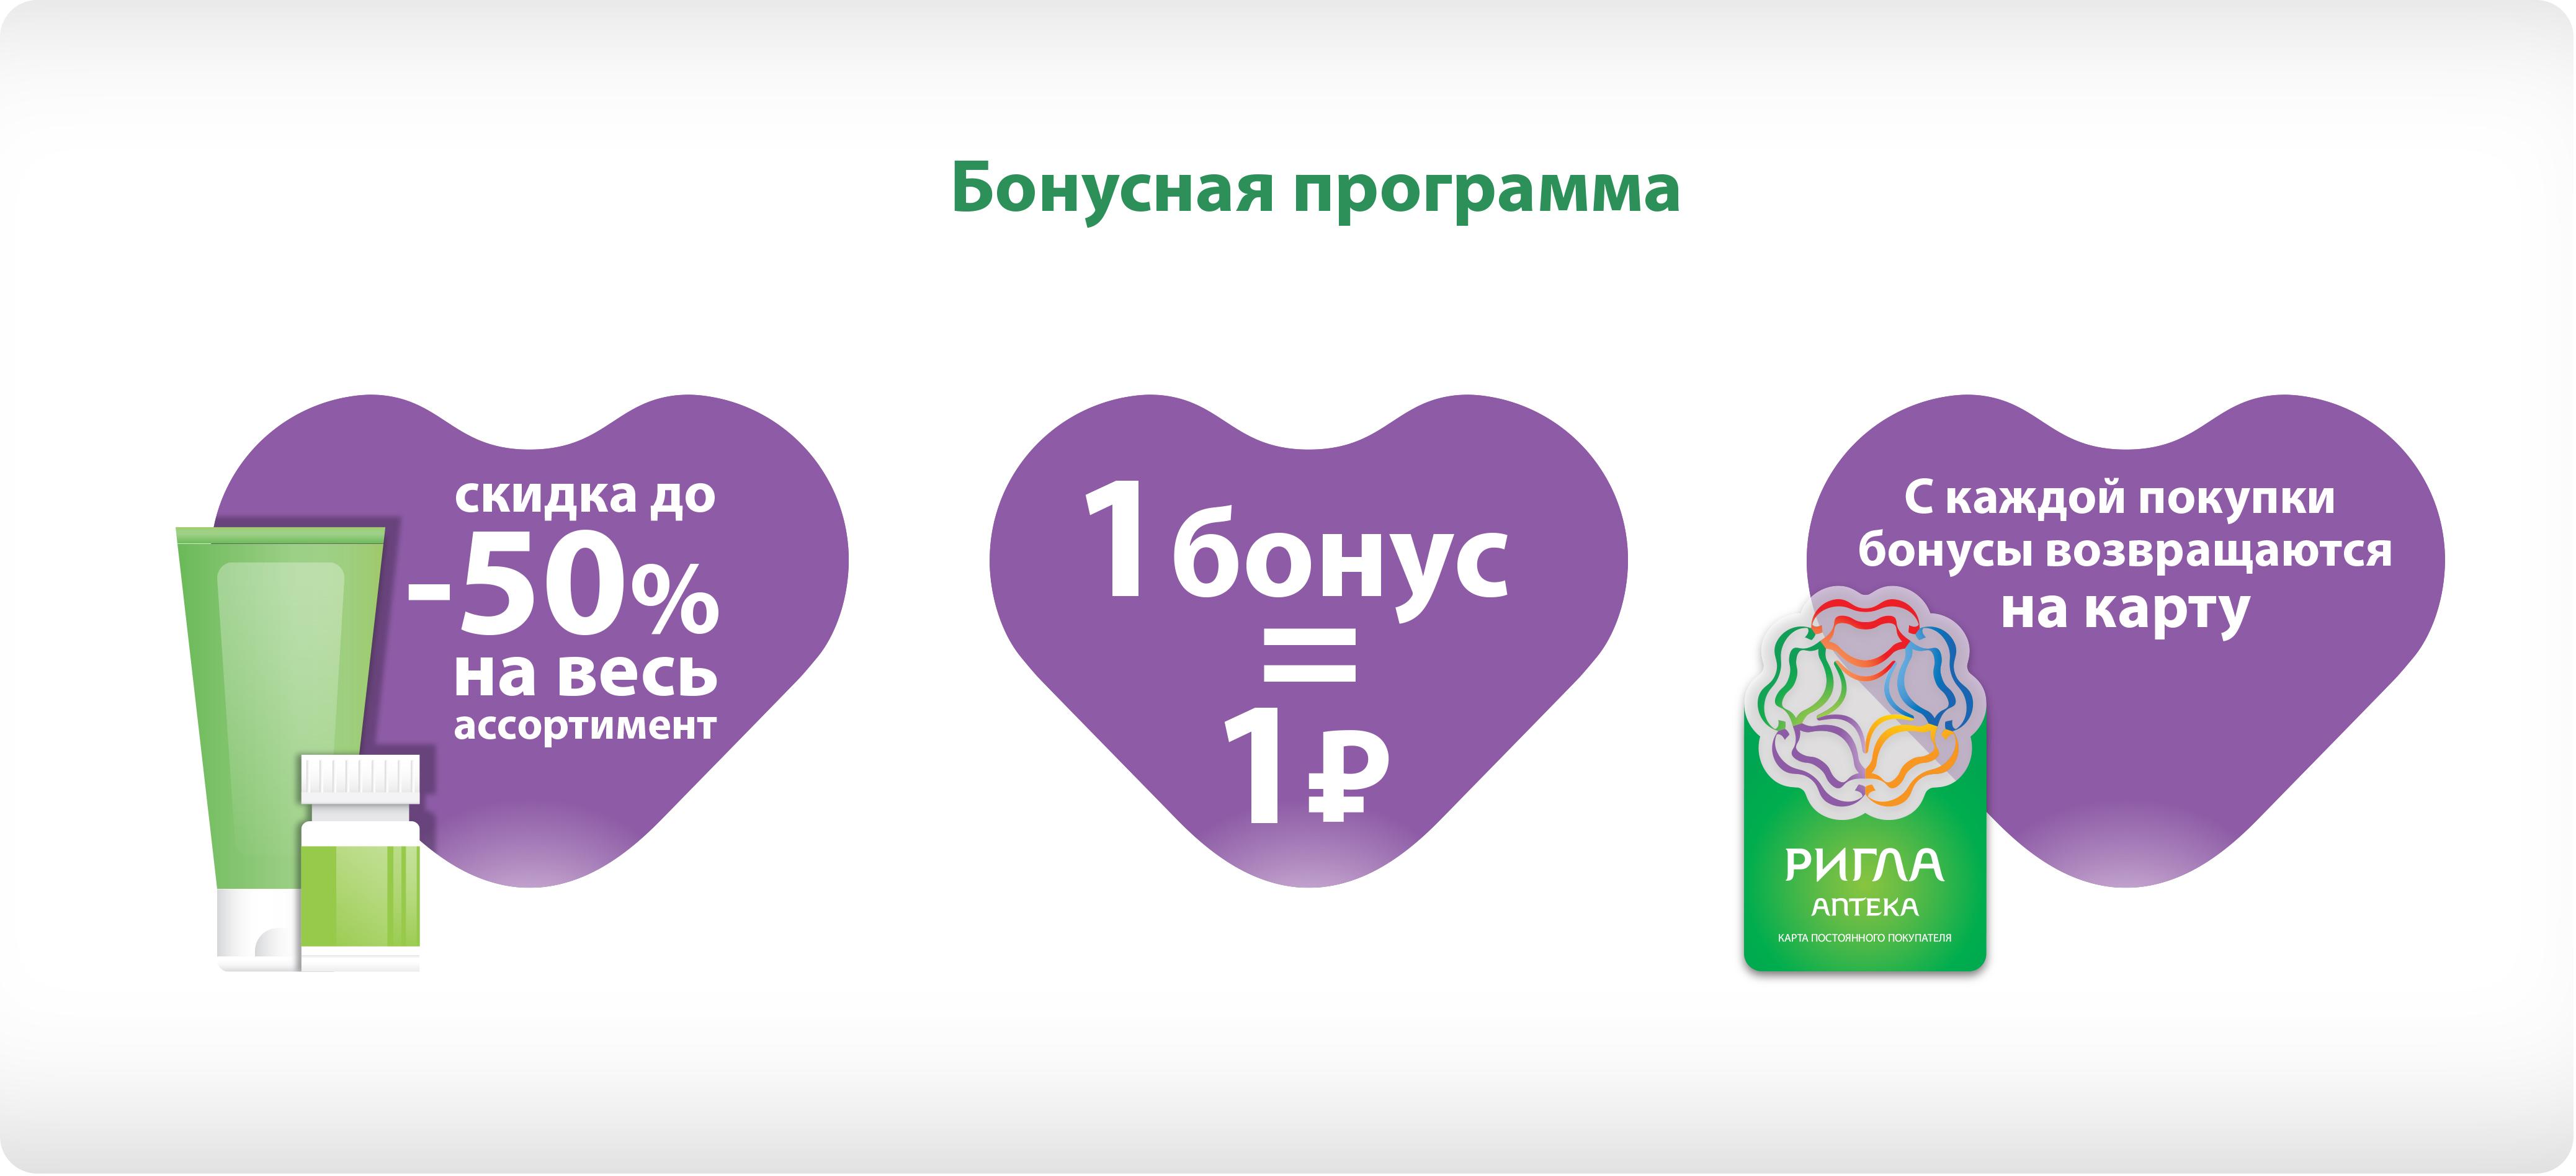 rigla.ru - активировать карту покупателя